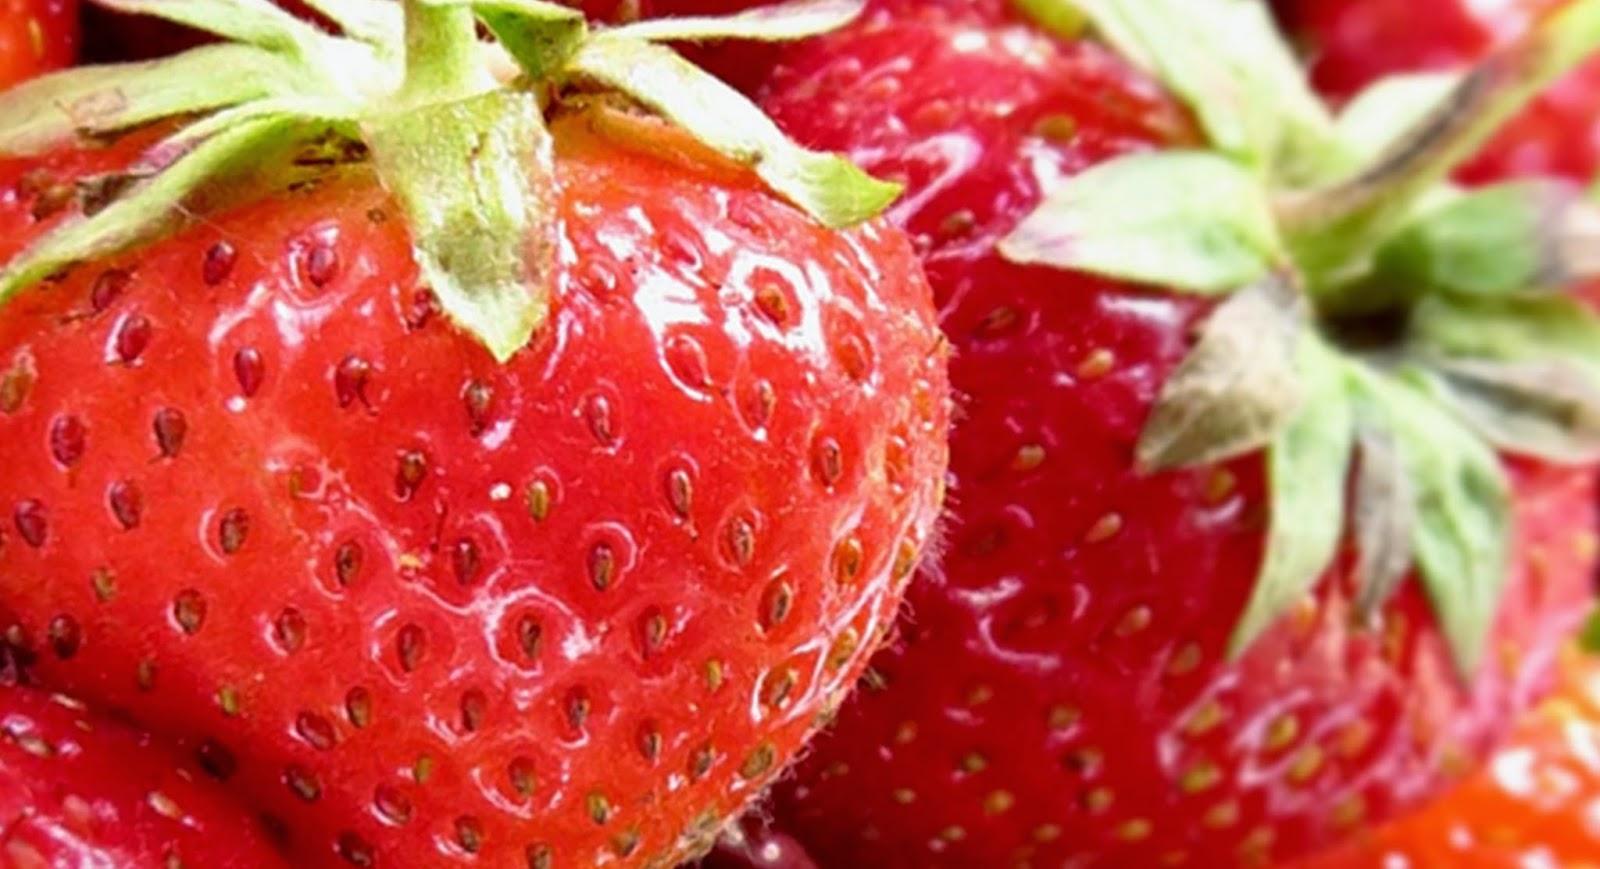 Manfaat Sehat Buah Stroberi yang Perlu untuk Diketahui